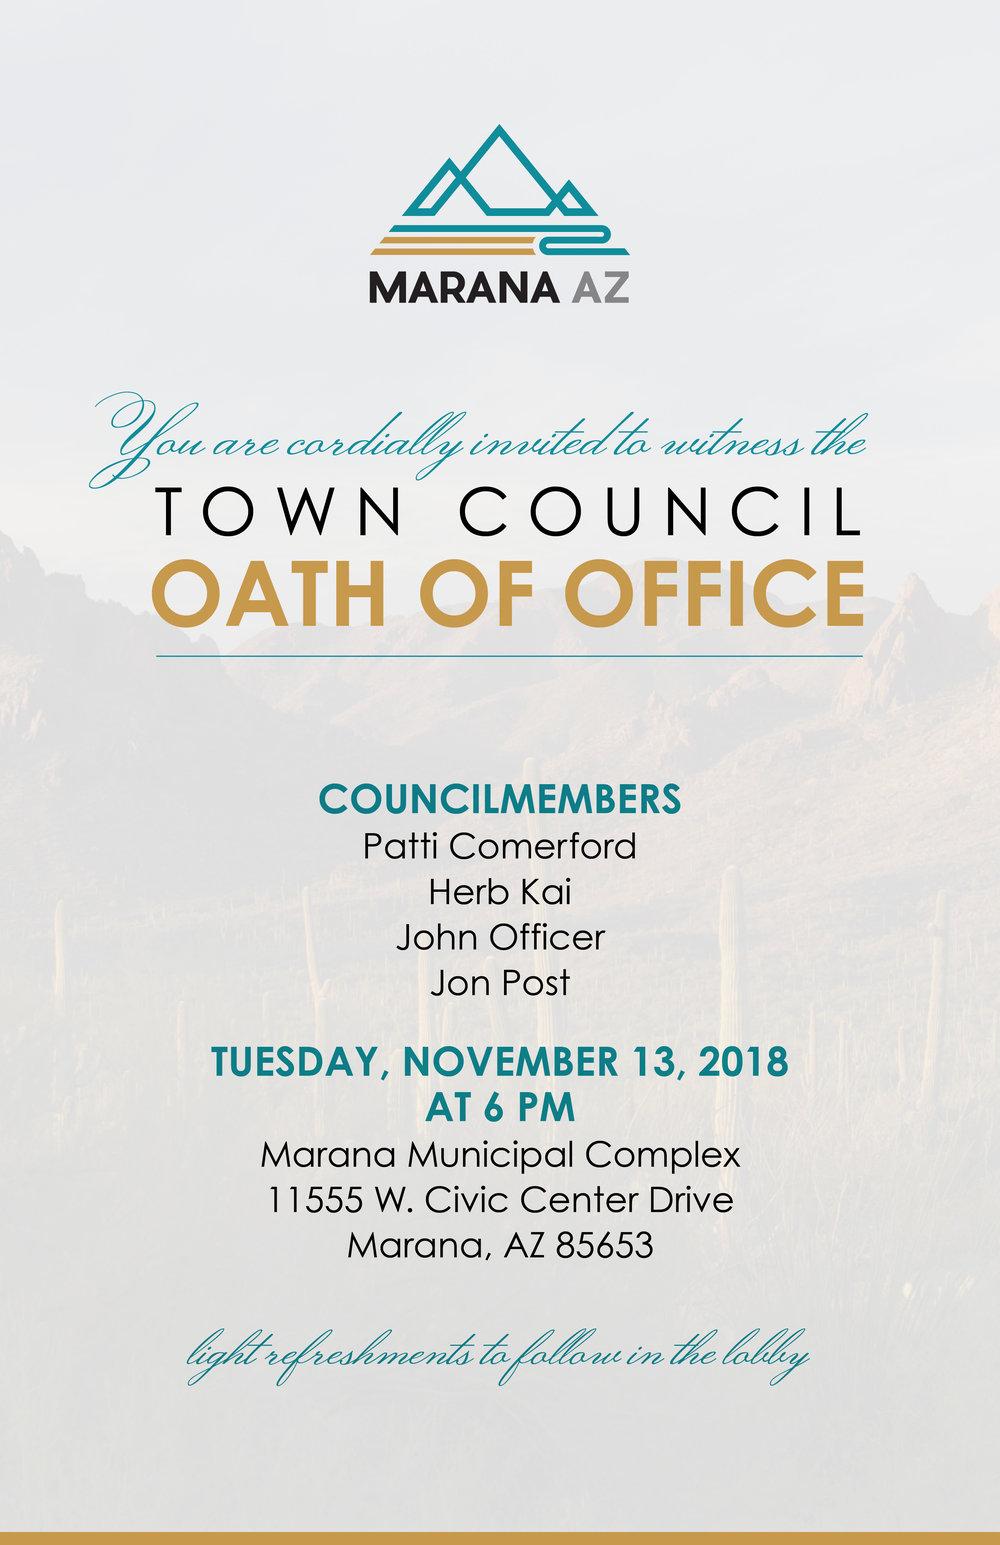 Council Oath Invite.jpg